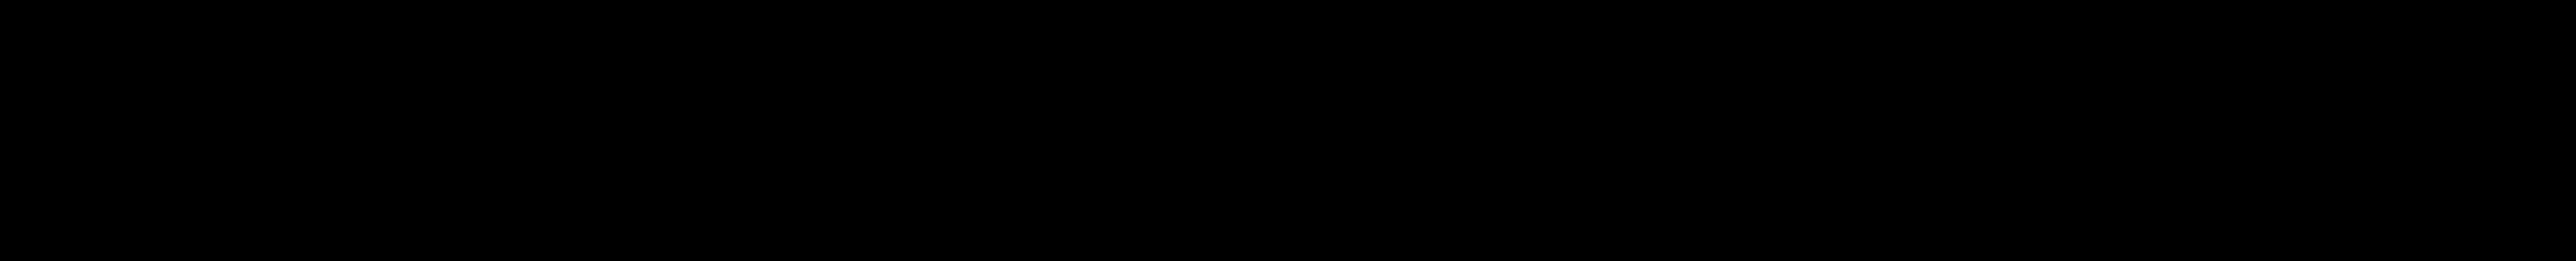 motionmailapp.com